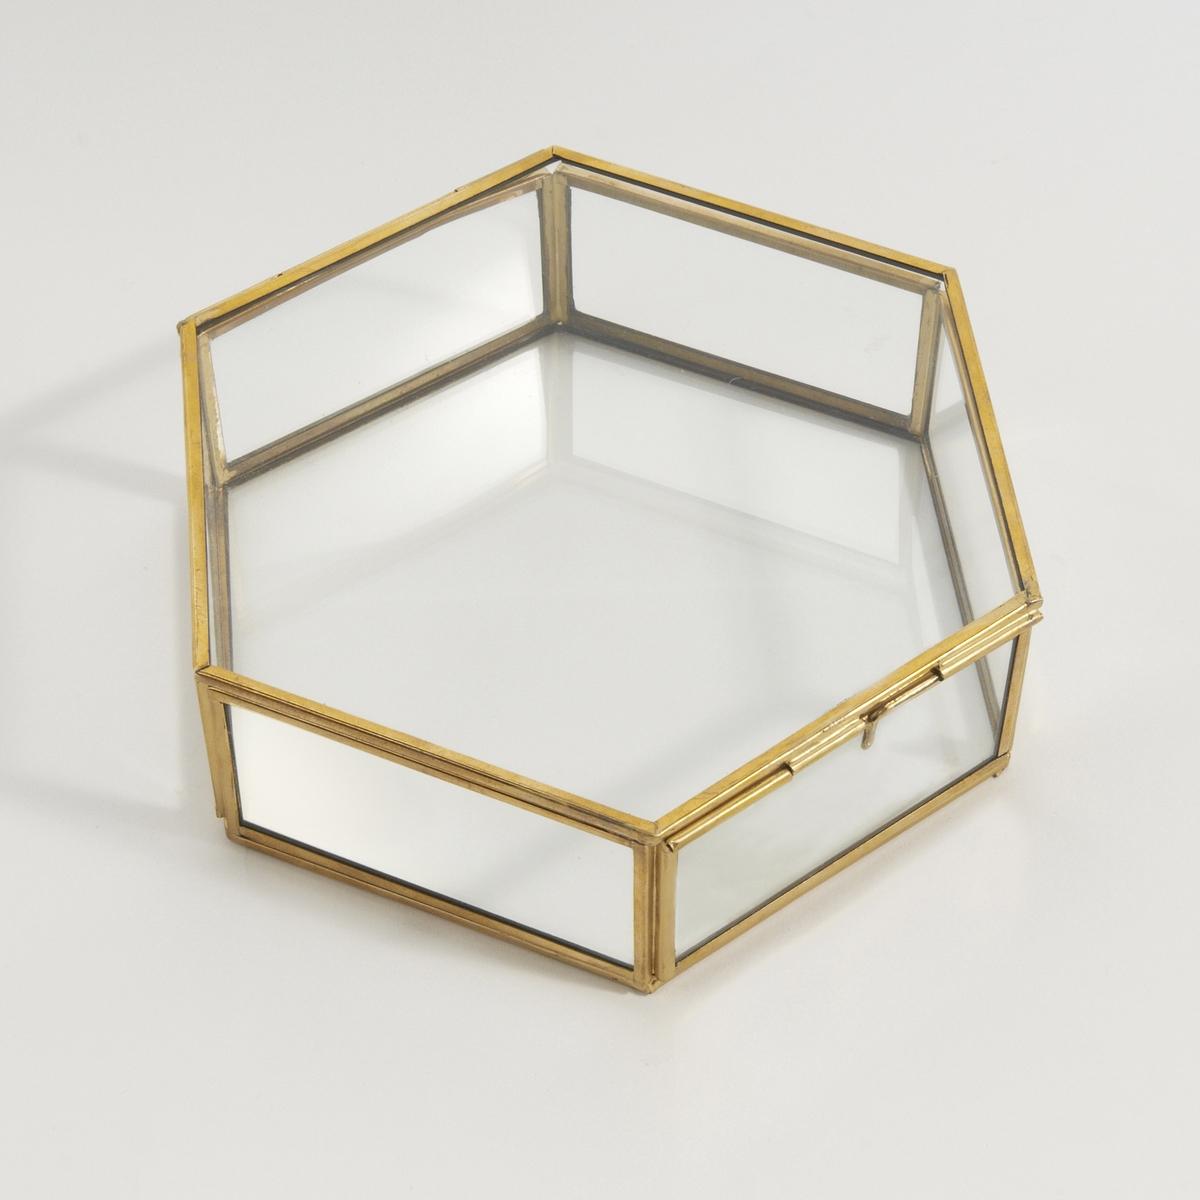 Коробка шестиугольная из стекла и латуни UyovaКоробка из стекла и латуни Uyova, очаровательный предмет декора.Характеристики коробки из стекла и латуни Uyova :Каркас из металла с отделкой из латуниГрани из стекла. Коробка с крышкойВсю коллекцию Uyova вы можете найти на сайте laredoute.ruРазмеры коробки из стекла и латуни Uyova :В.6 x Ш.20 x Г.18 см<br><br>Цвет: латунь<br>Размер: единый размер